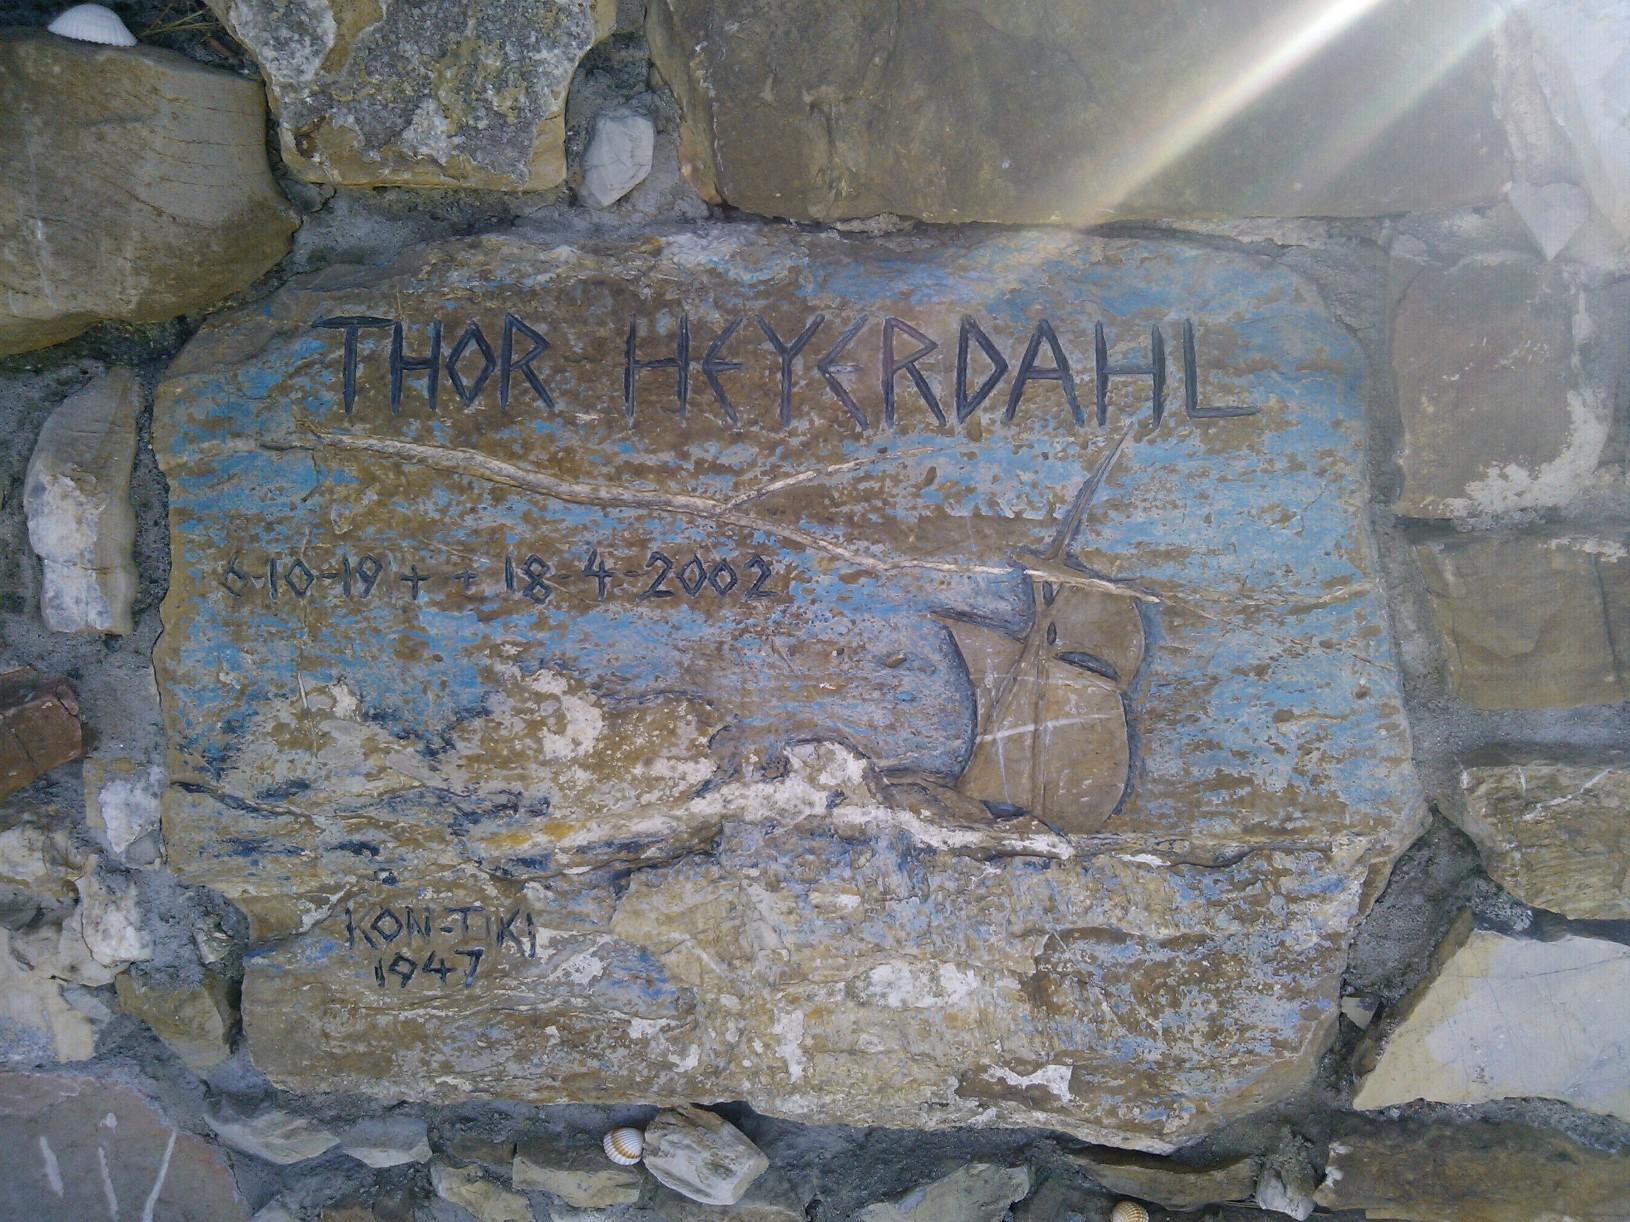 una piastrella incisa reca il nome di Thor Heyerdahl, la data di nascita e di morte, e un veliero a ricordare le sue imprese (Colla Micheri. SV)